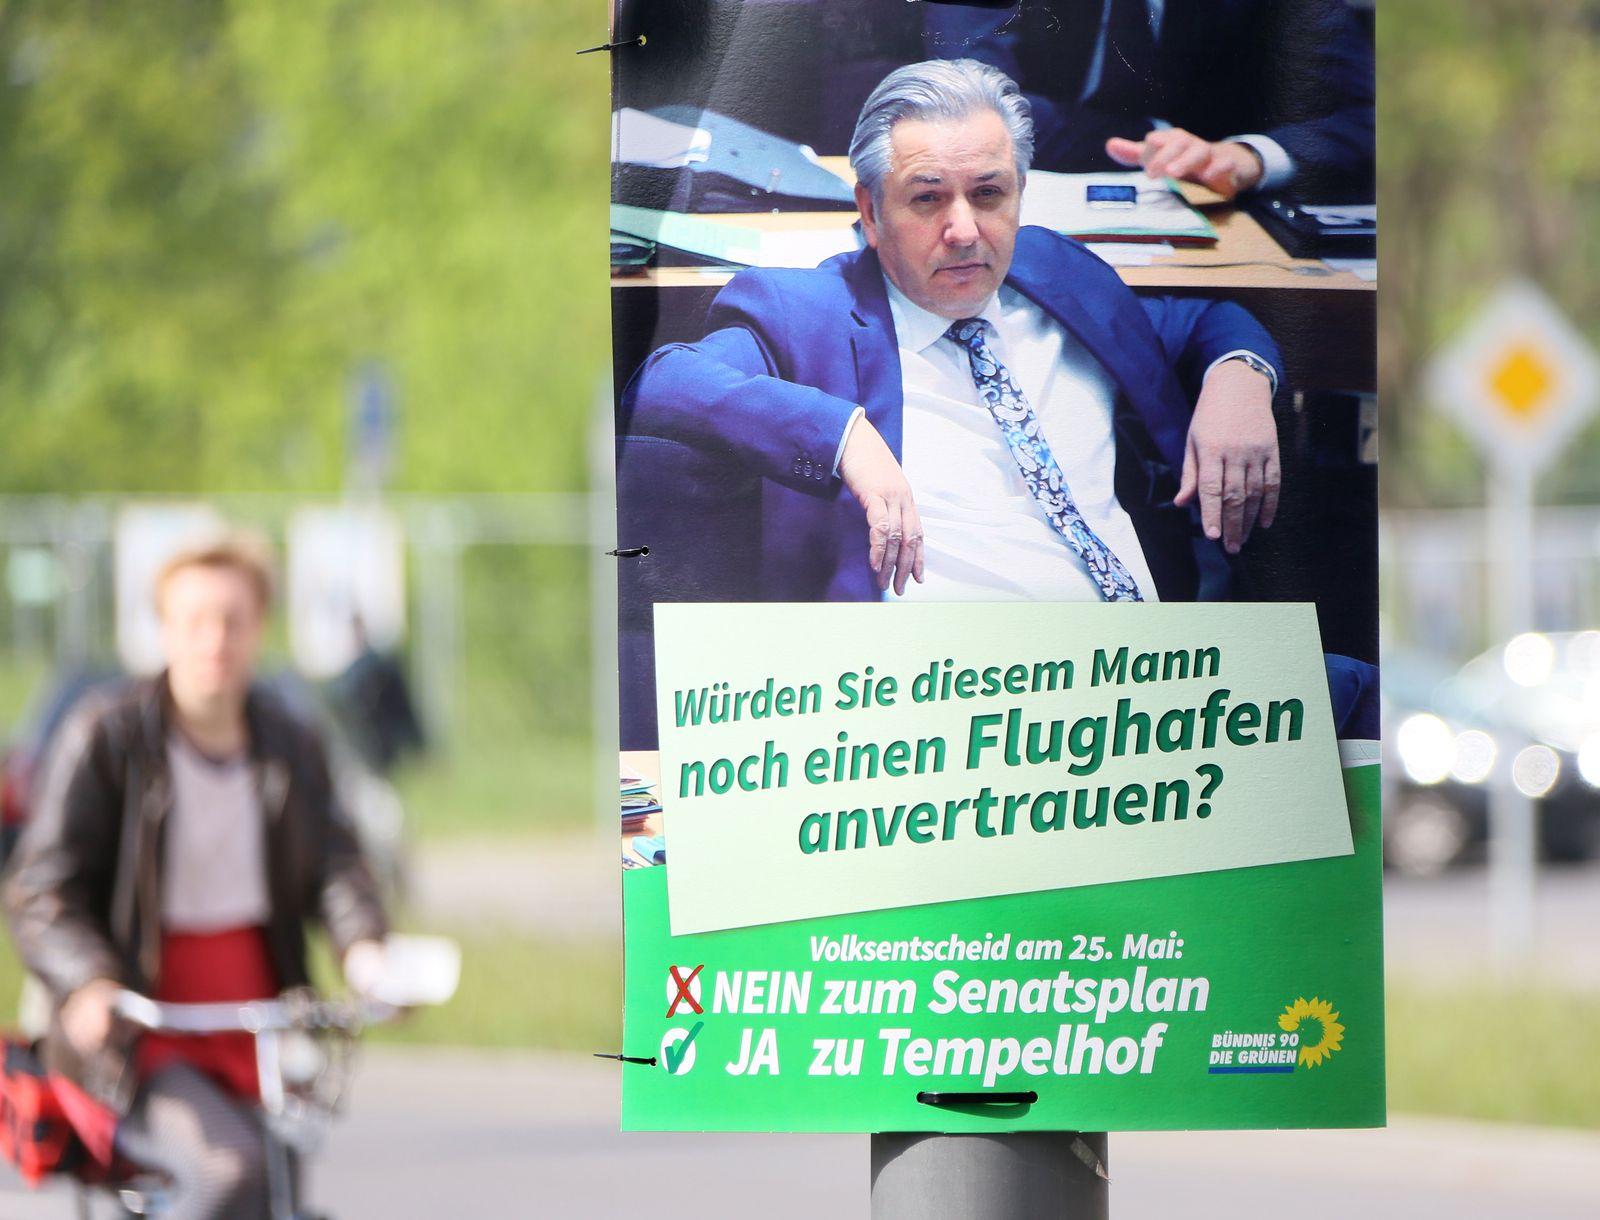 Plakat der Grünen zum Volksentscheid über Flughafen Tempelhof